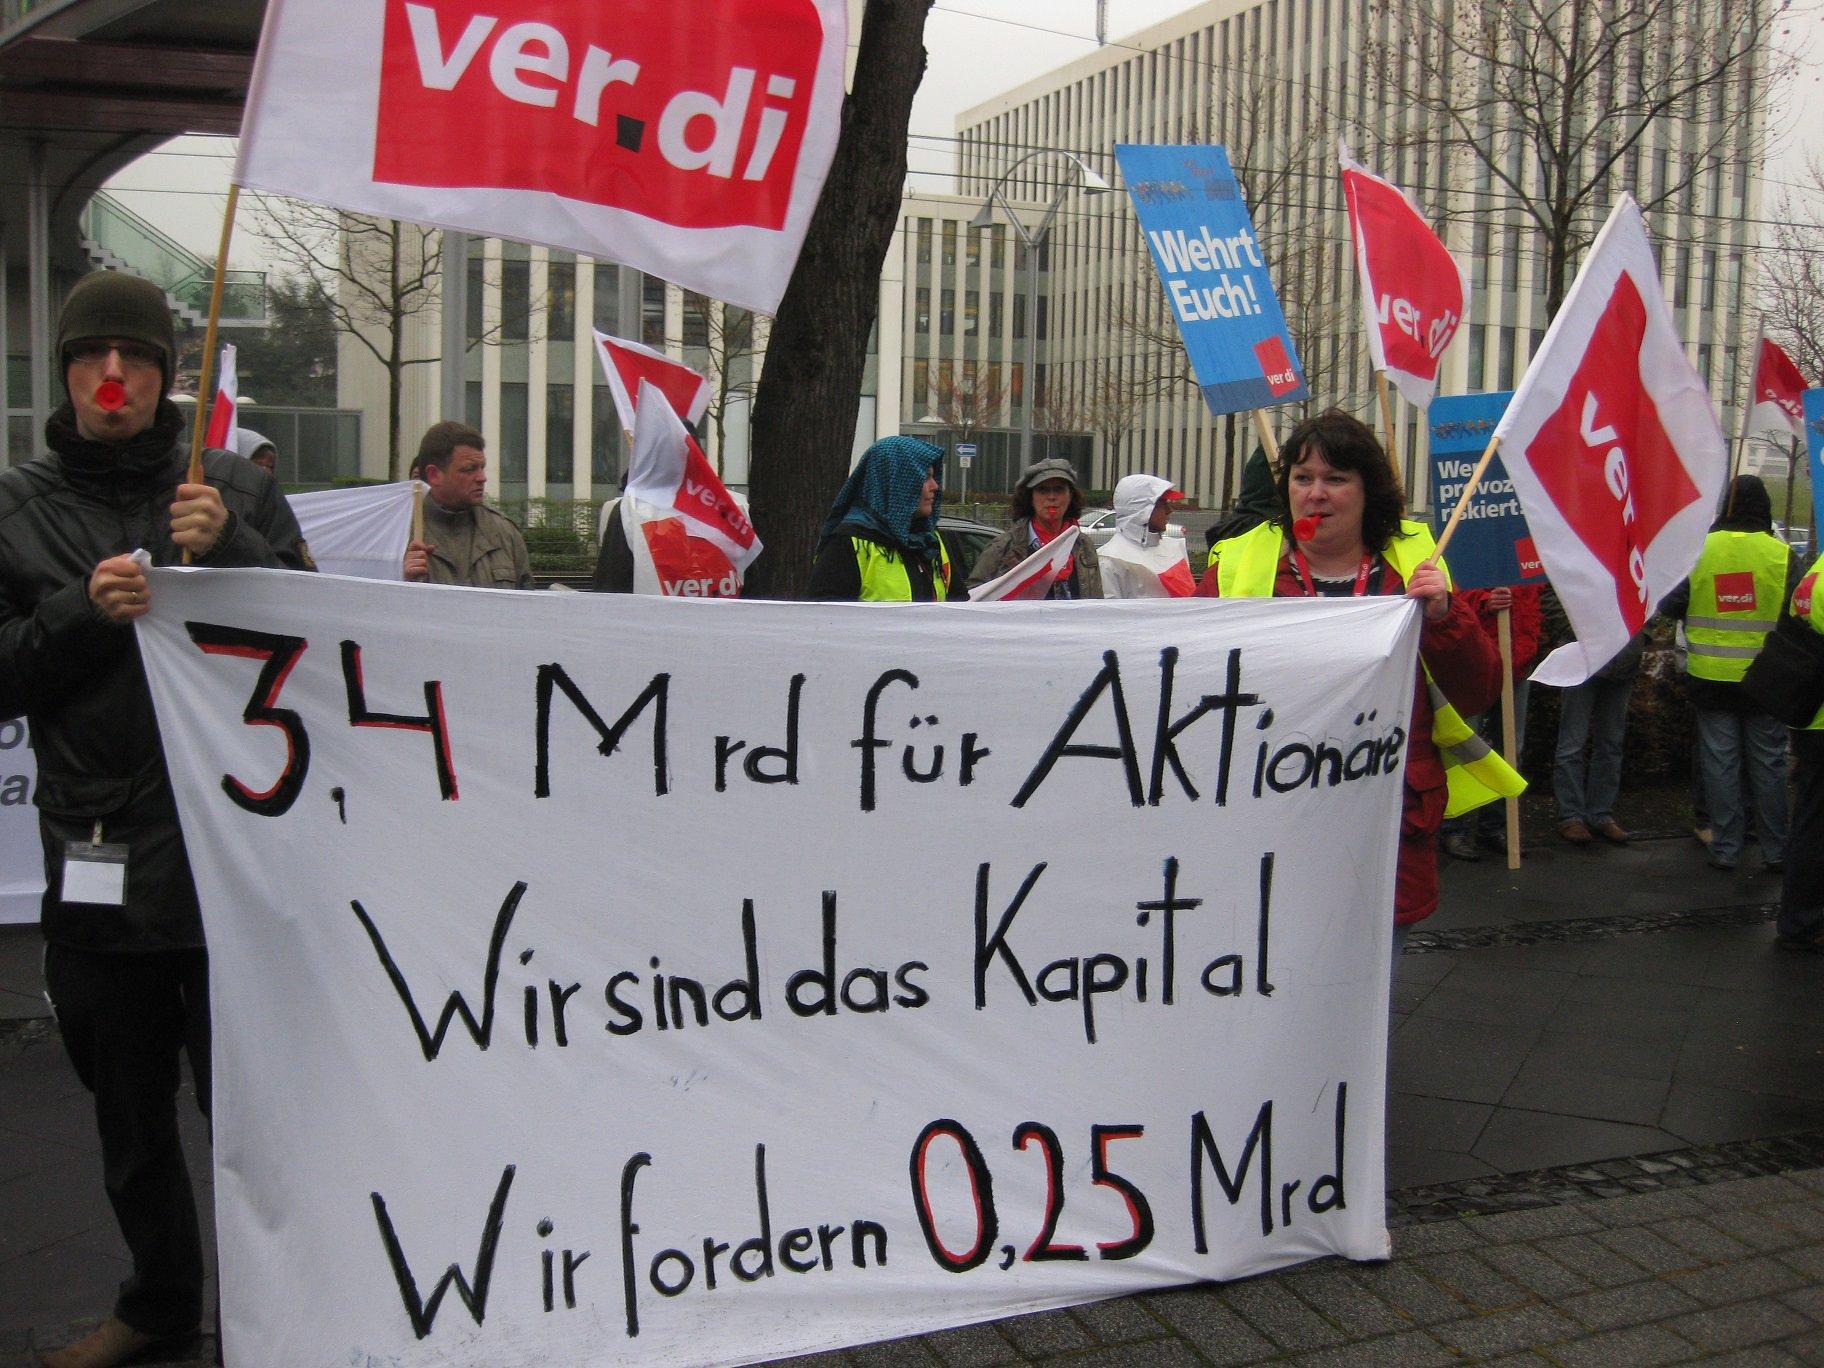 """Tarifrunde: Die Telekom-Cloud oder """"Die Telekom klaut"""" - Menschenkette vor Telekom-Zentrale"""